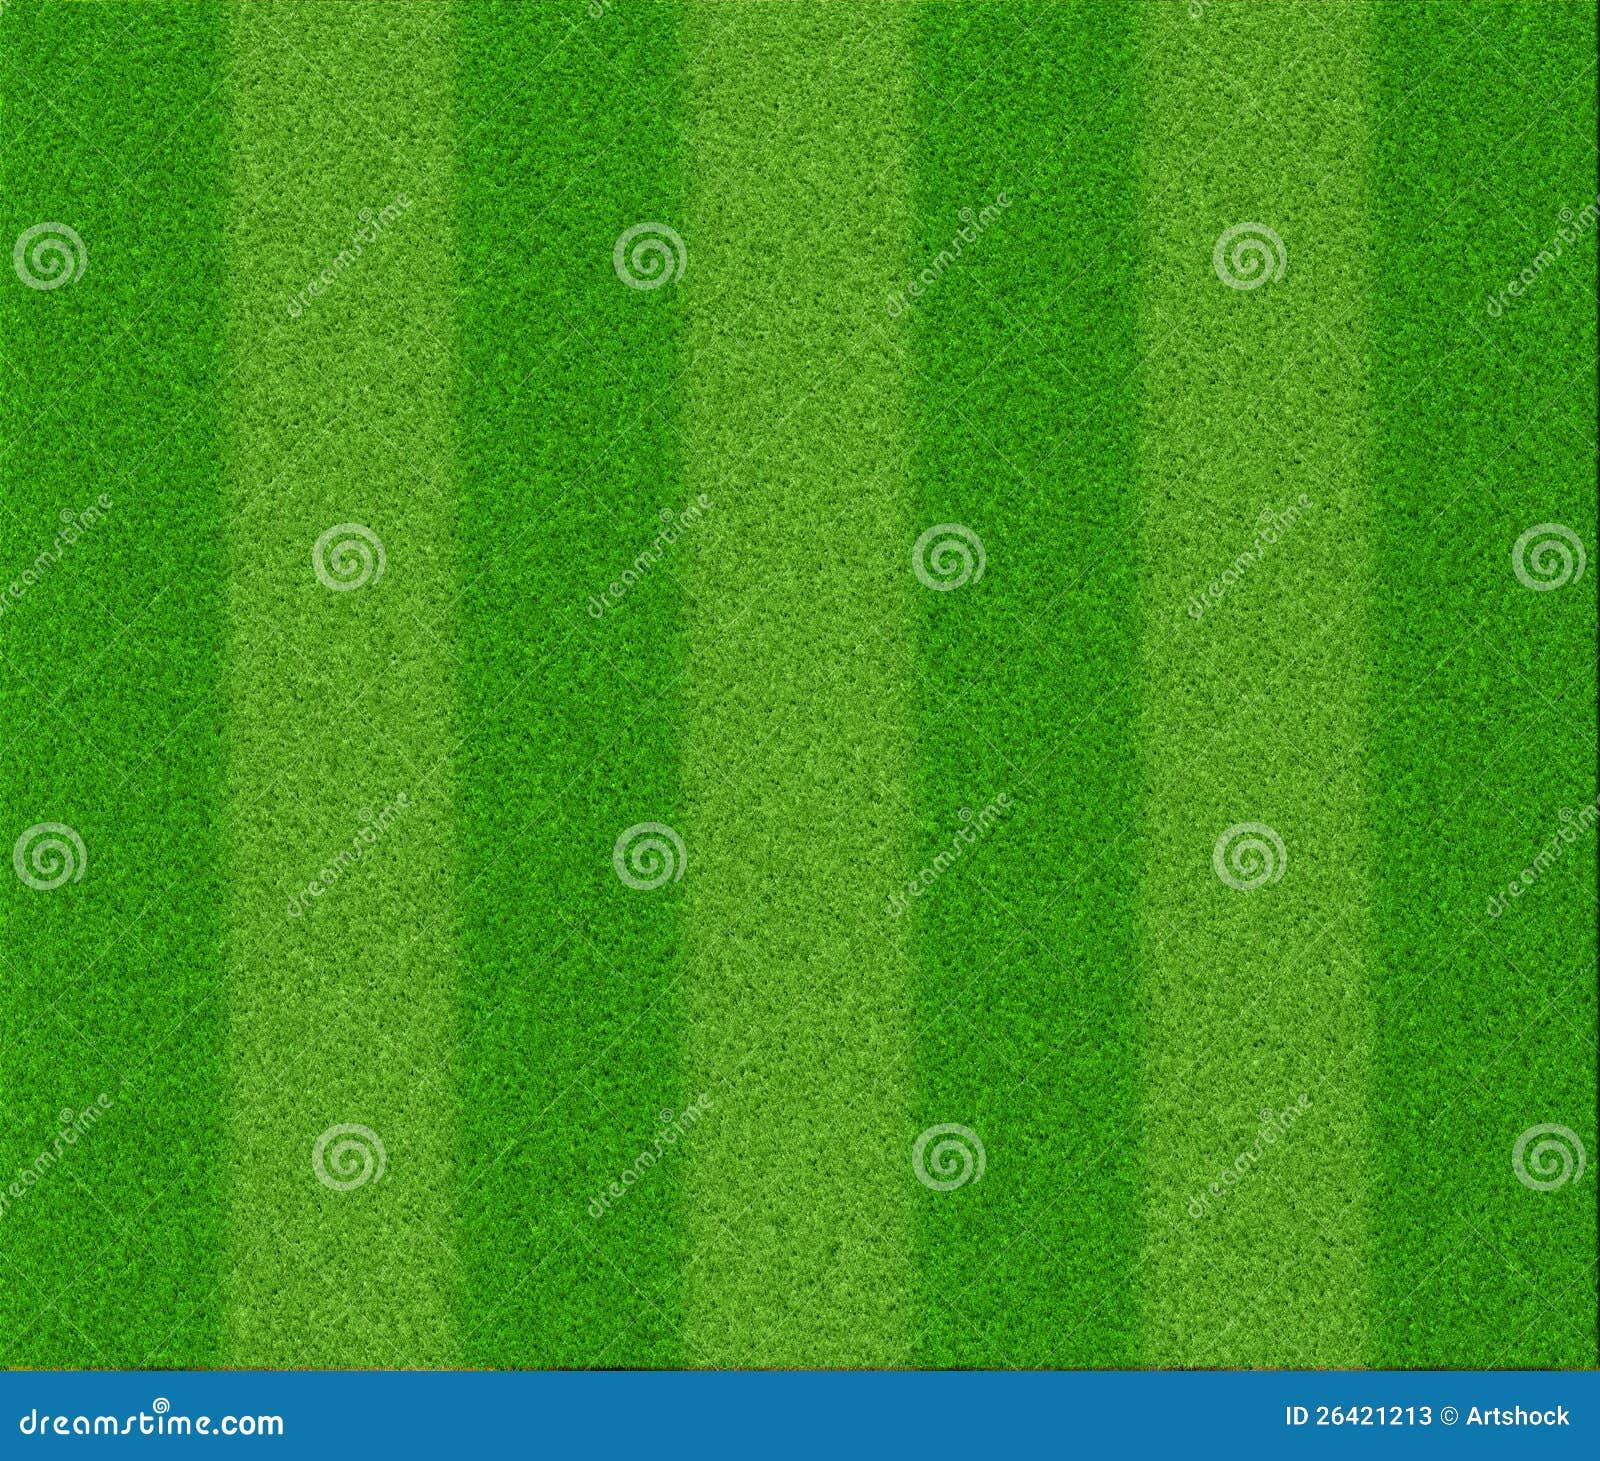 Football grass texture